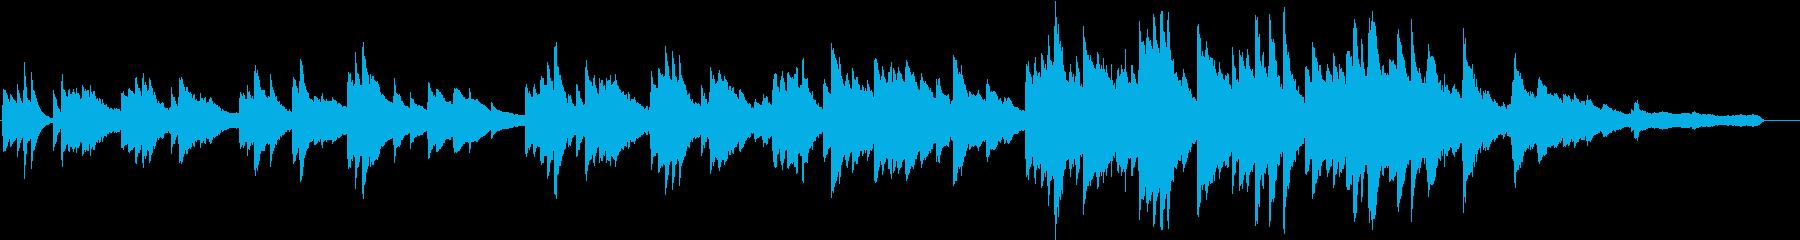 ほんわかとしたピアノバラードの再生済みの波形